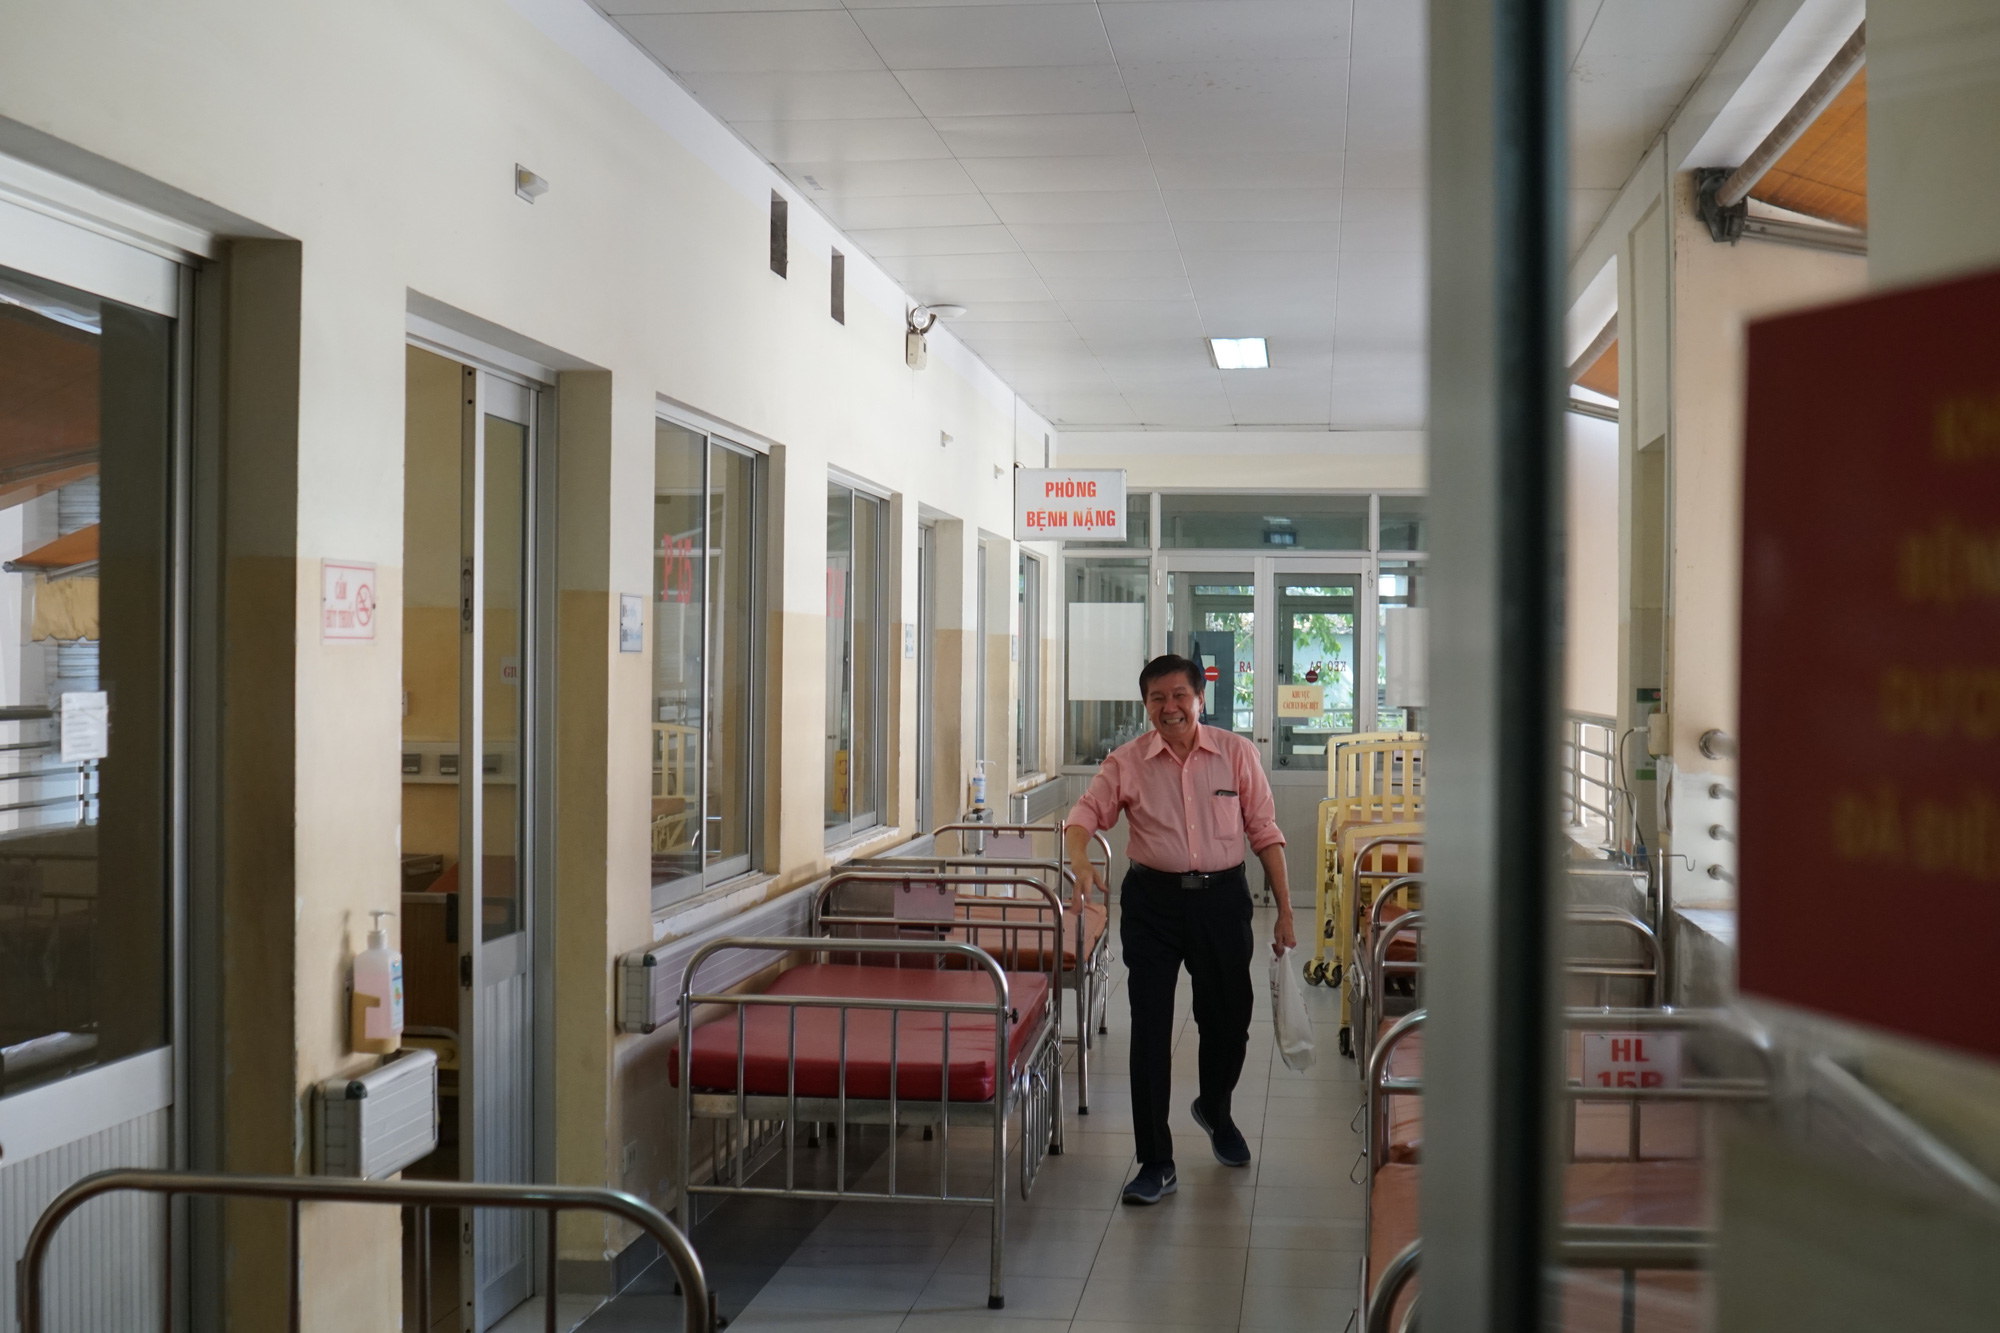 Bệnh nhân thứ 3 nhiễm corona ở Sài Gòn được chữa khỏi: Tôi từ chỗ chết trở về - Ảnh 2.